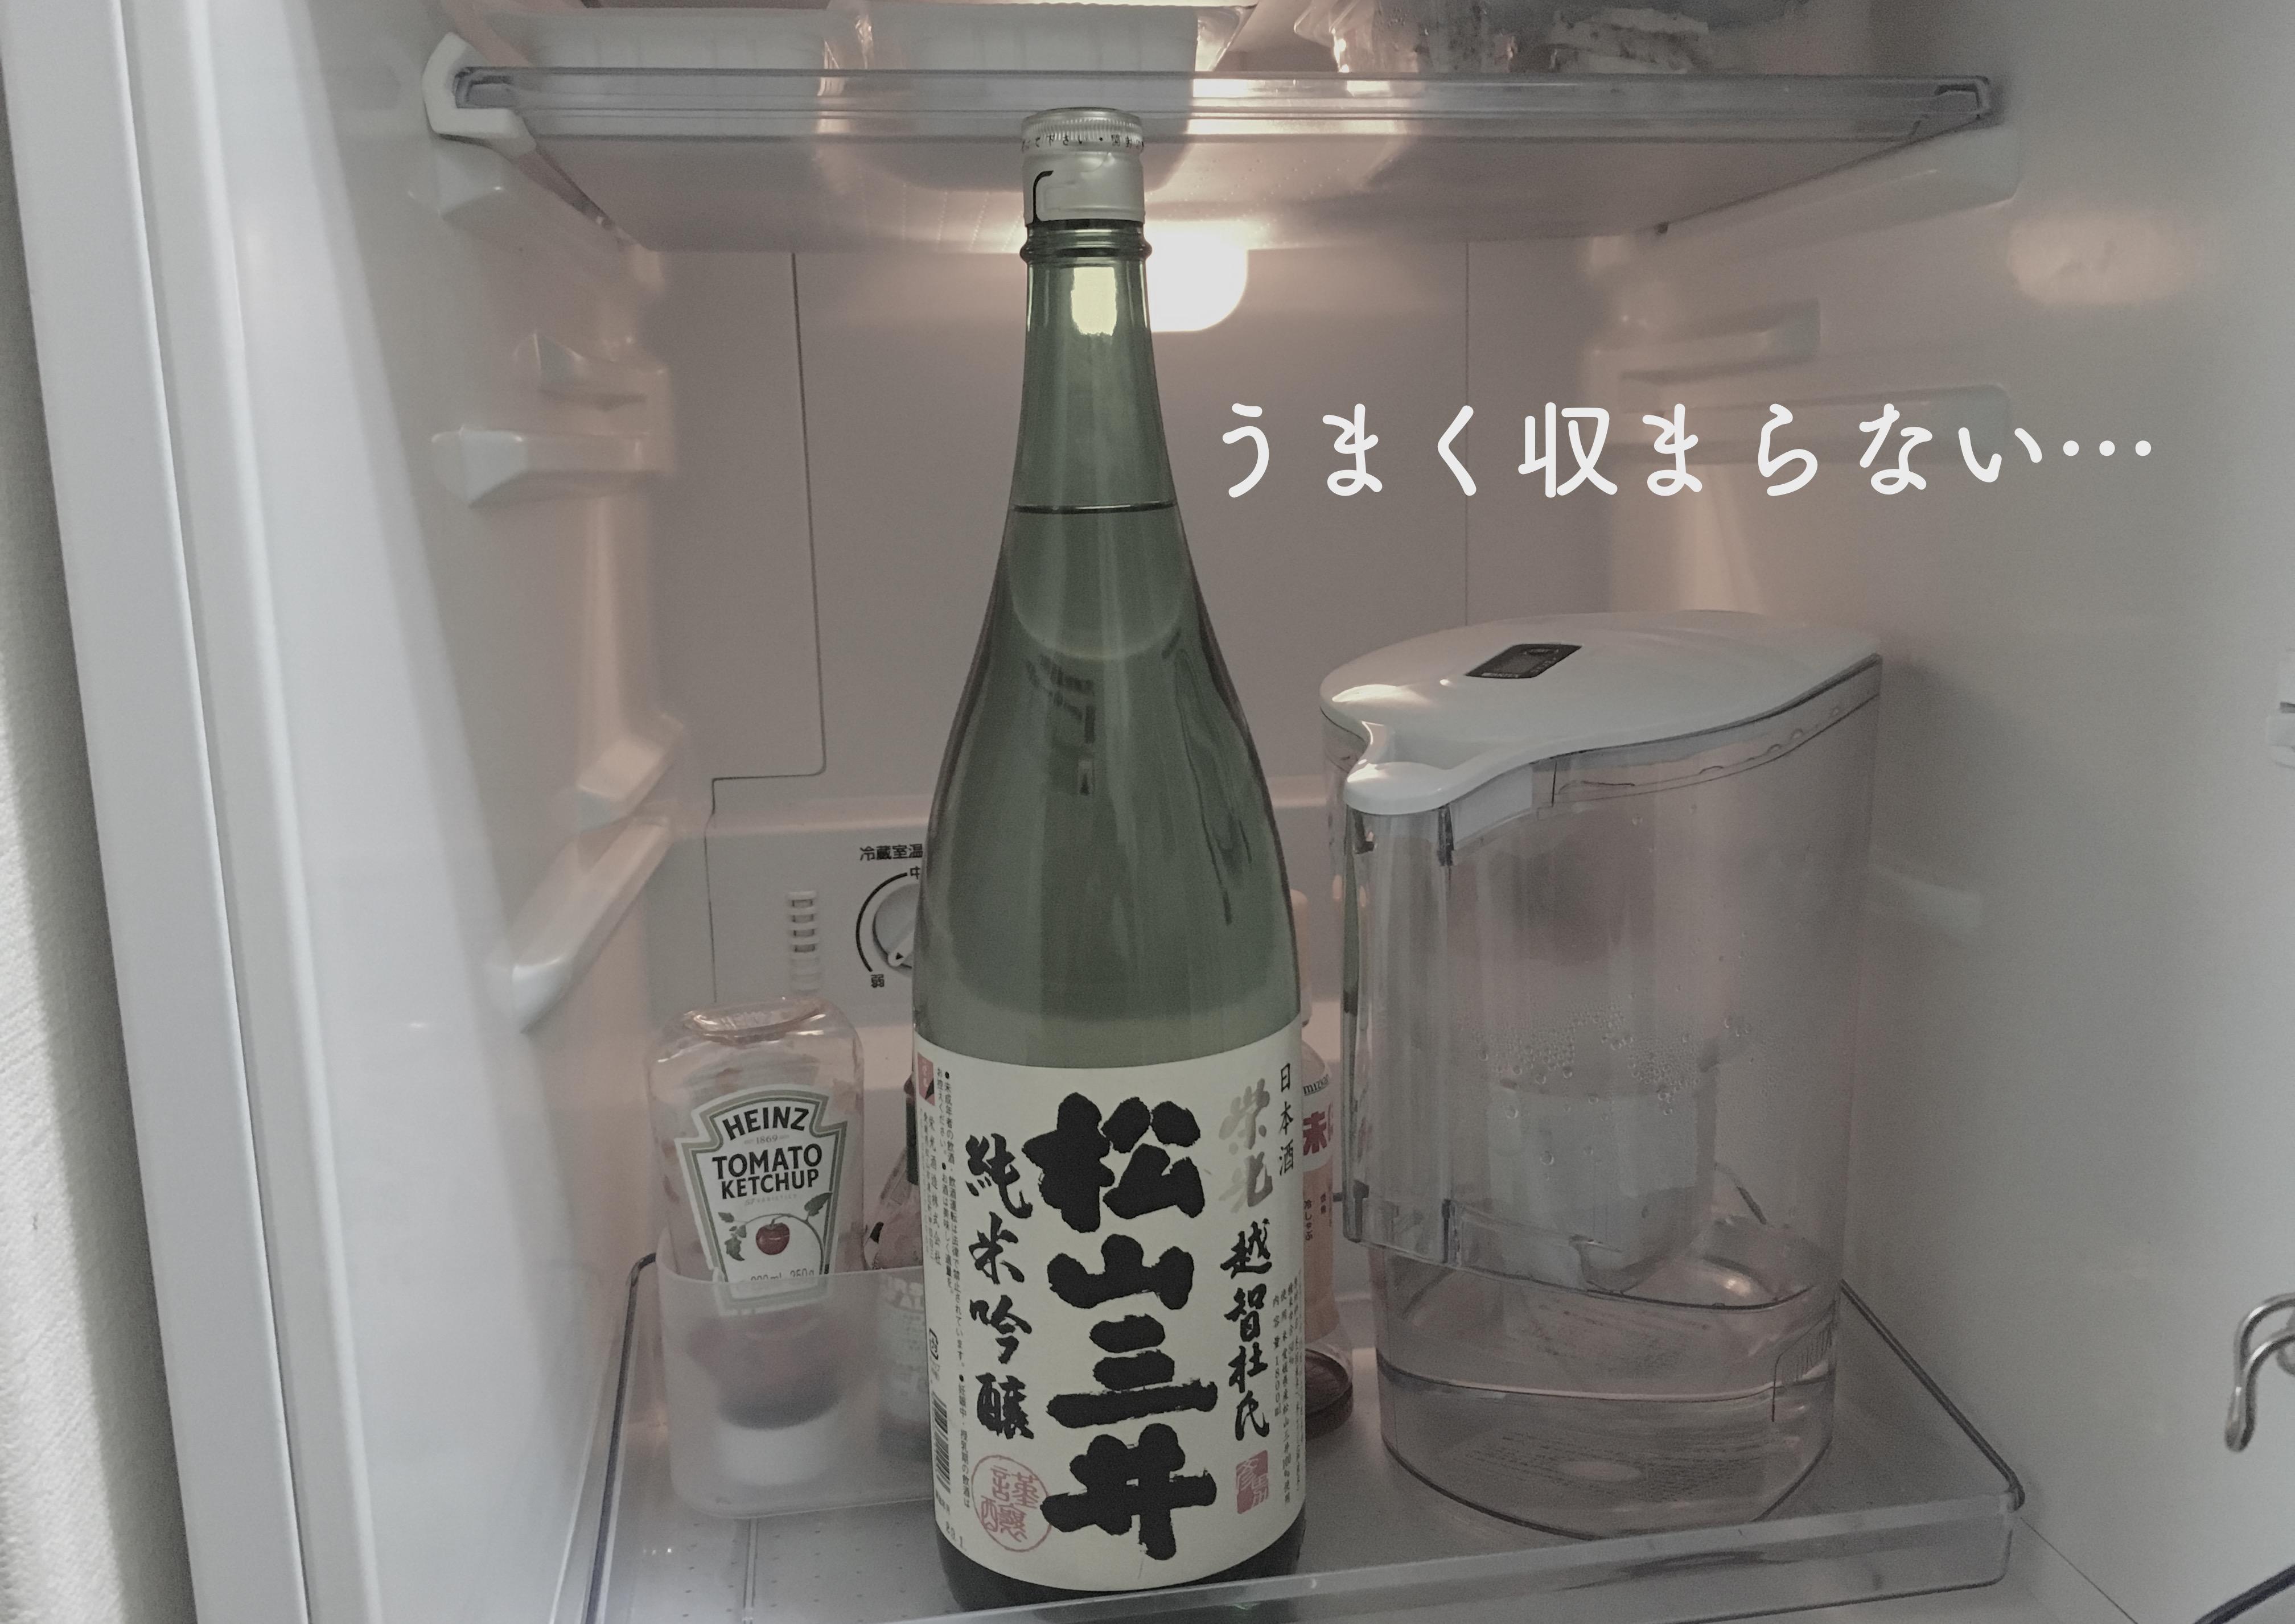 冷蔵庫に入りきらない一升瓶